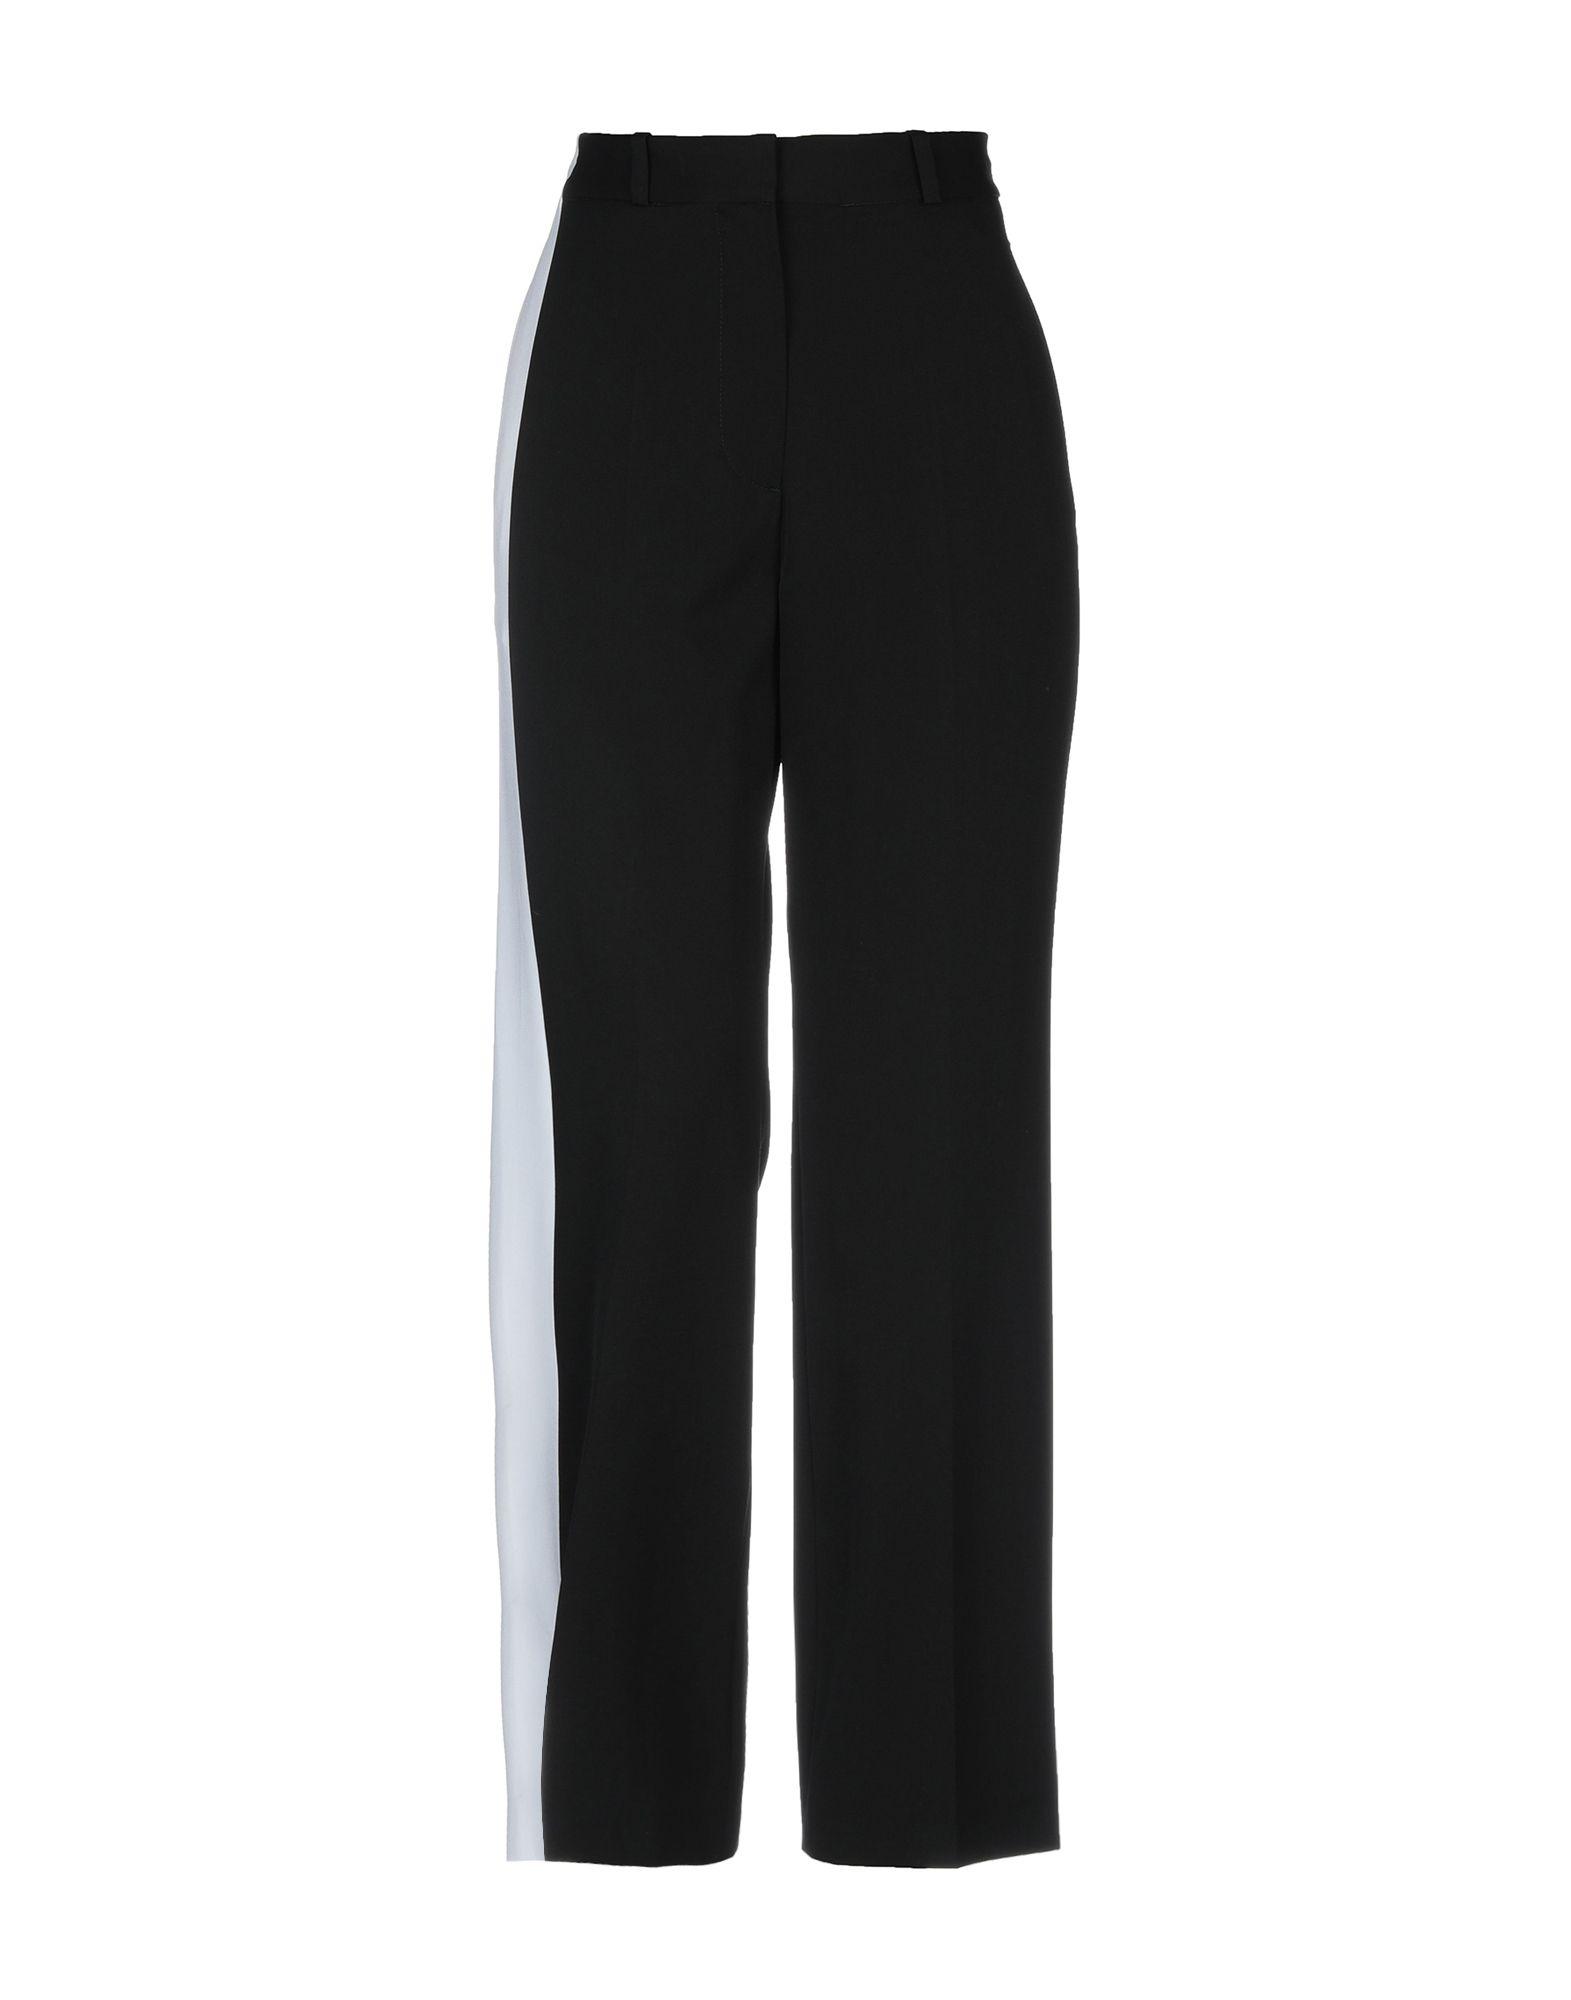 《送料無料》STELLA McCARTNEY レディース パンツ ブラック 38 100% ウール レーヨン アセテート ポリウレタン